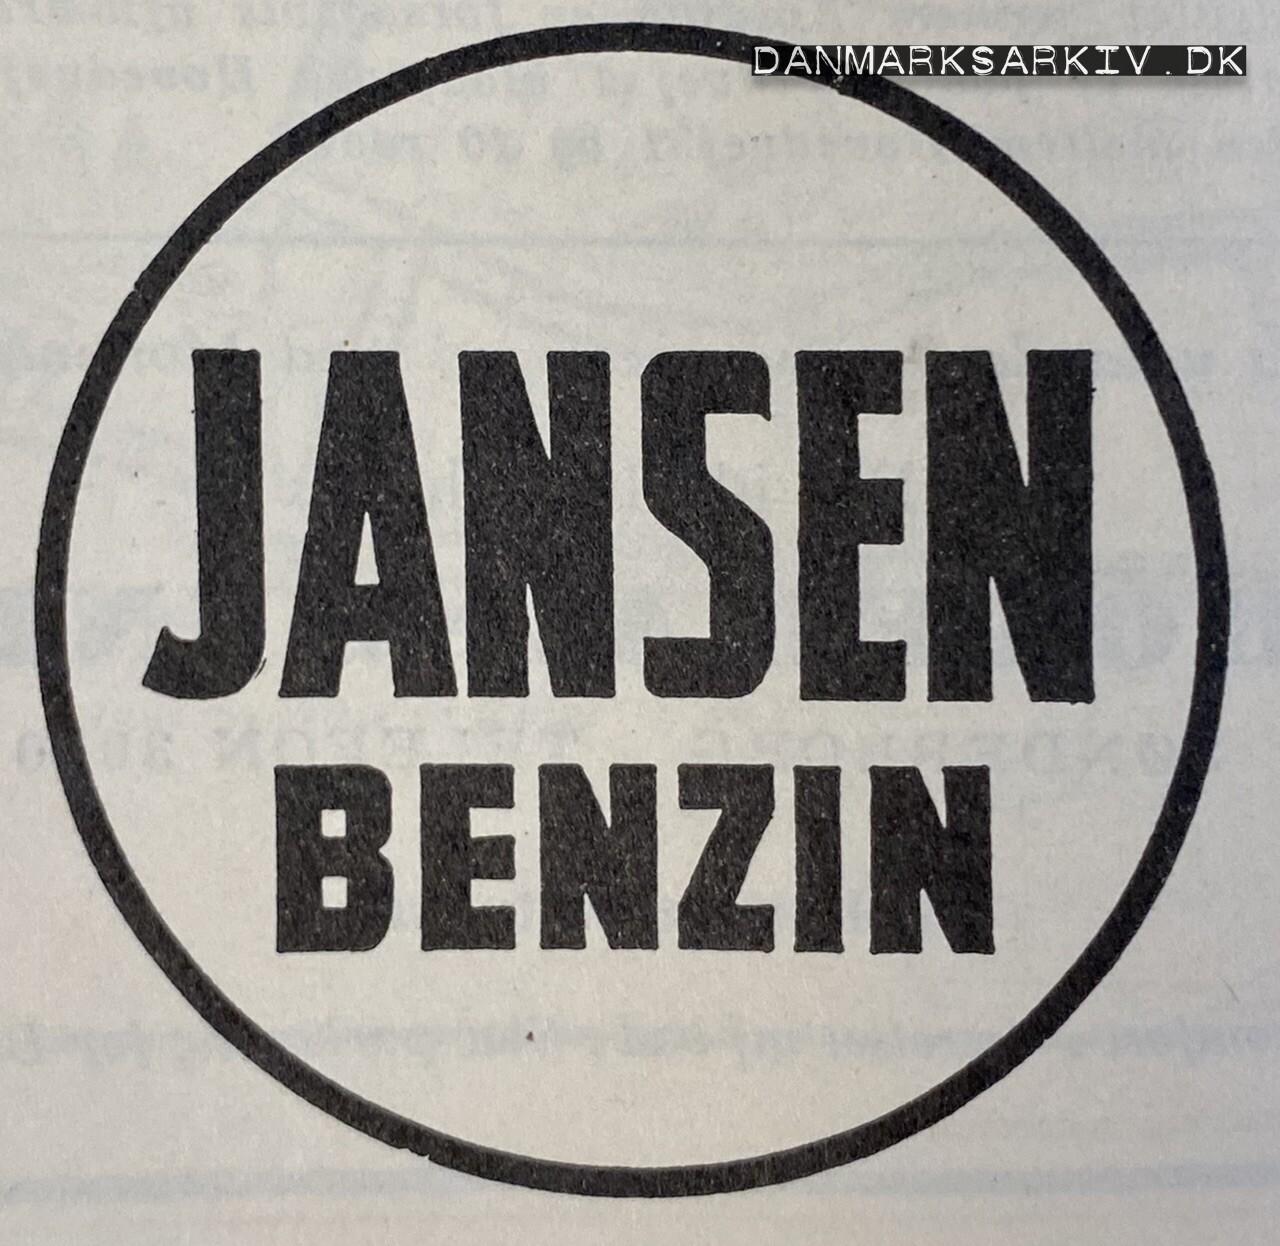 Jansen Benzin - 1960'erne